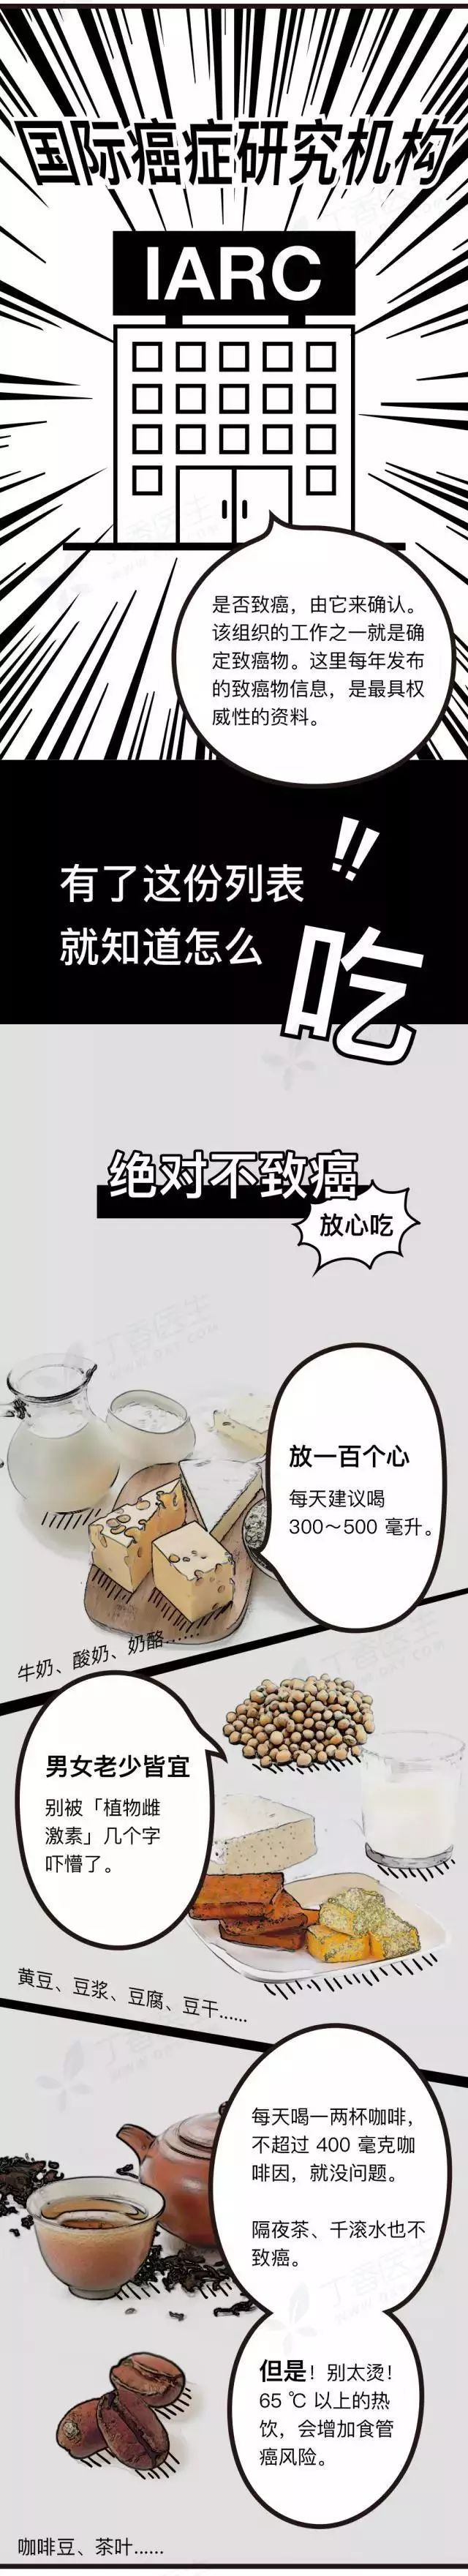 丁香医生:隔夜茶不致癌!真正致癌的食物是这些